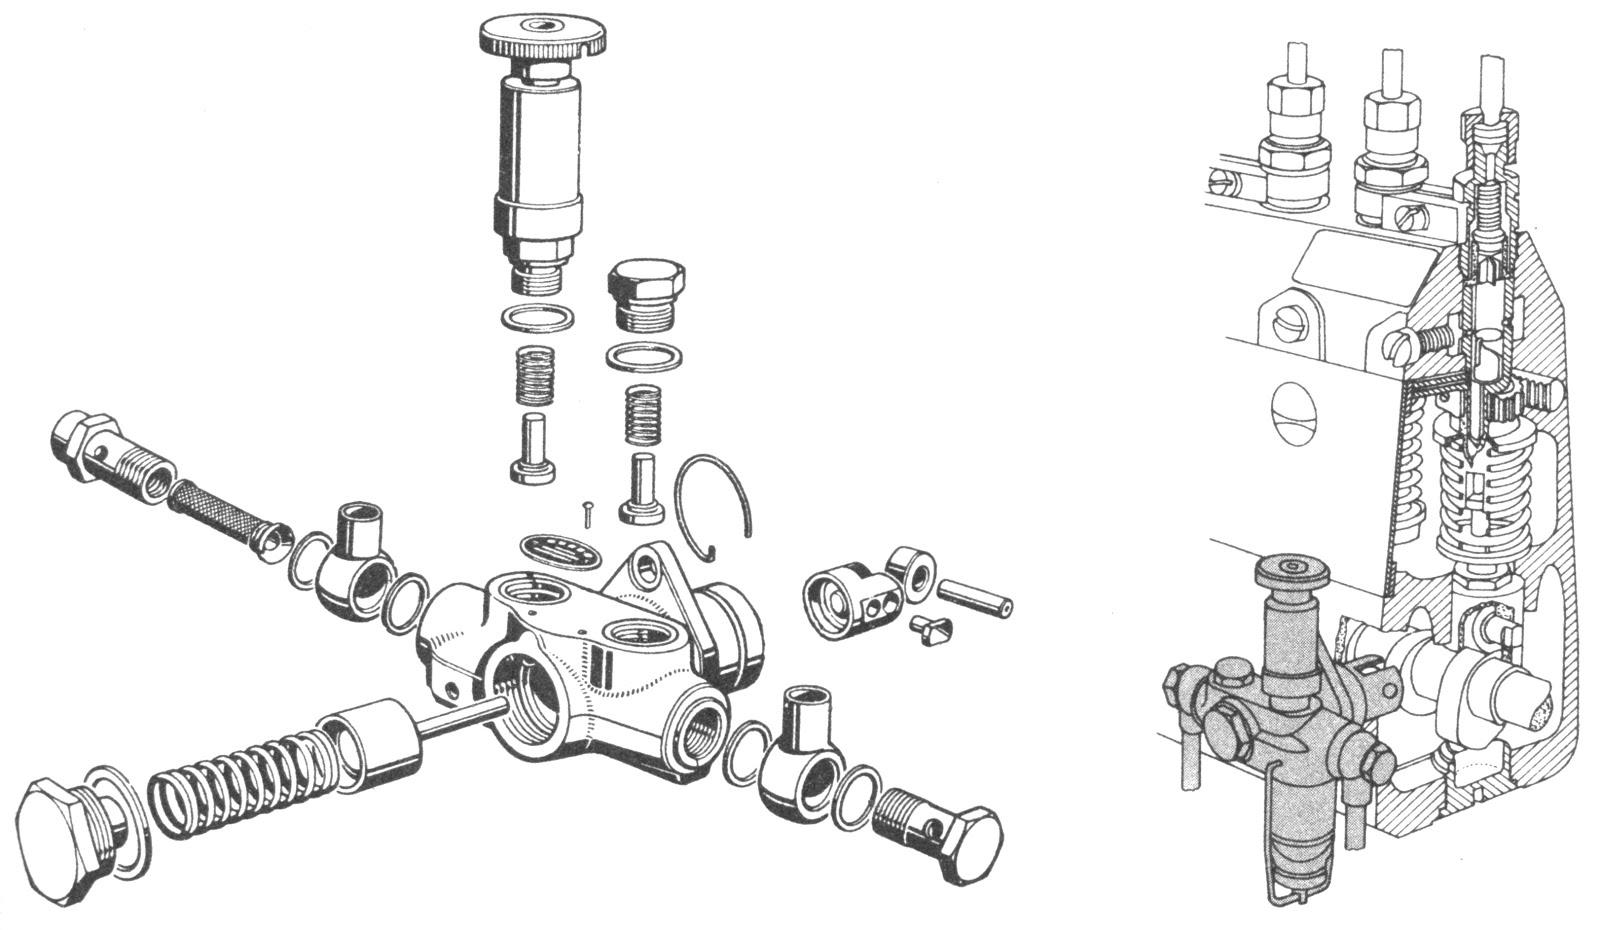 Tractores antiguos: Motores Diésel (2ª parte)